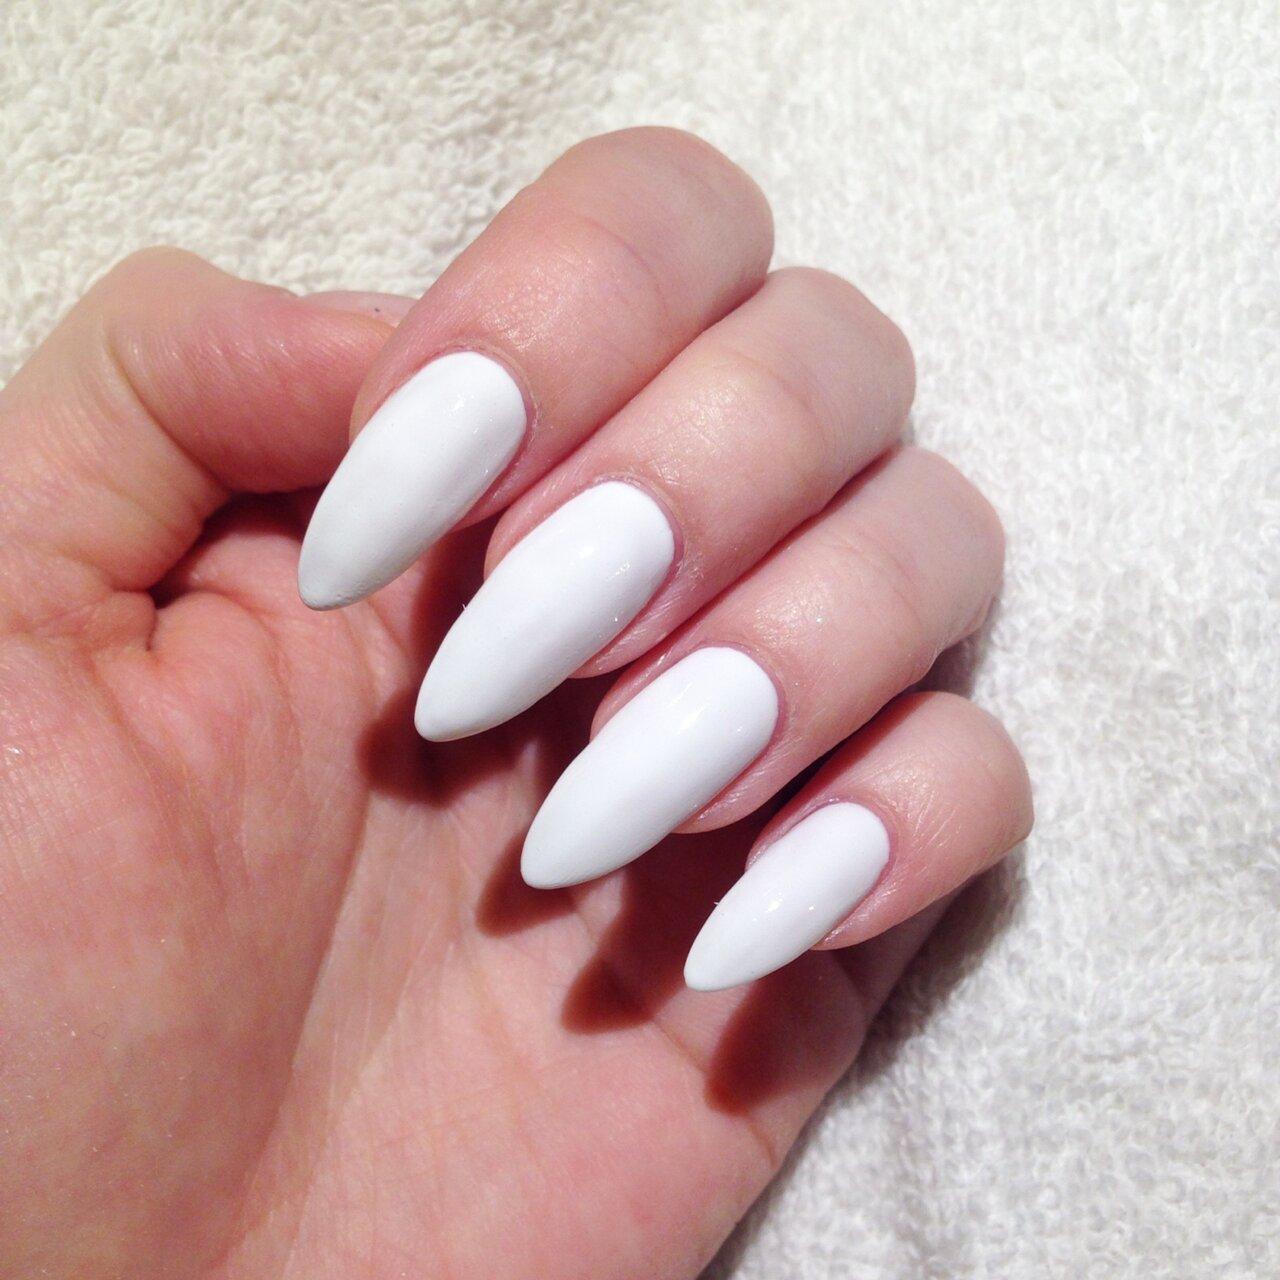 byggda naglar